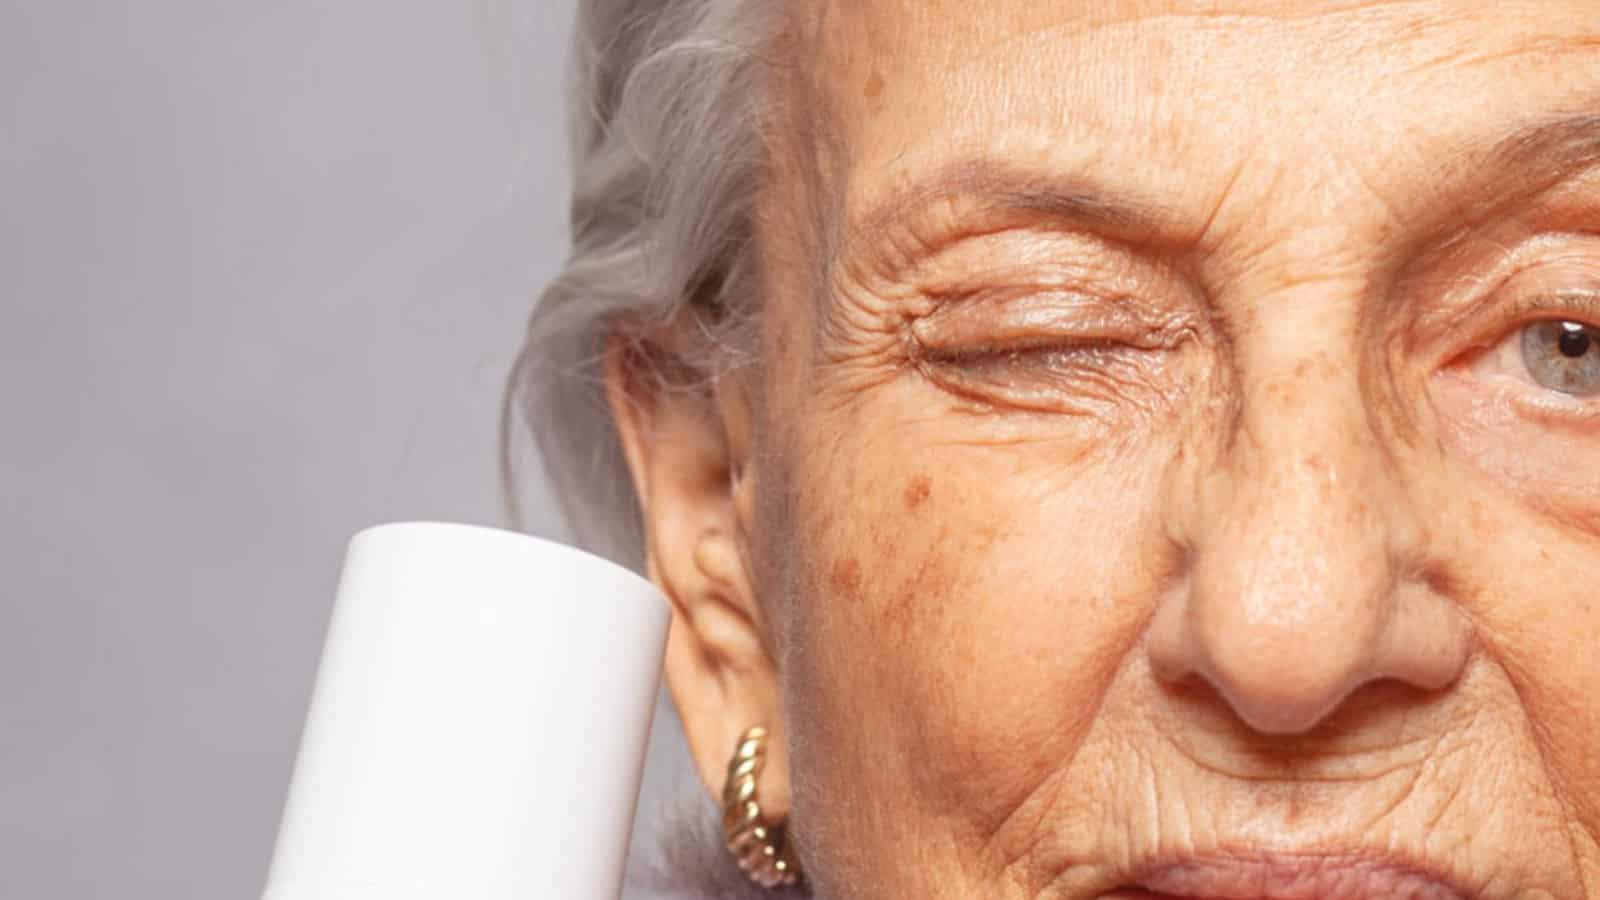 Altersfecken- Ursachen, Symptome und Behandlung